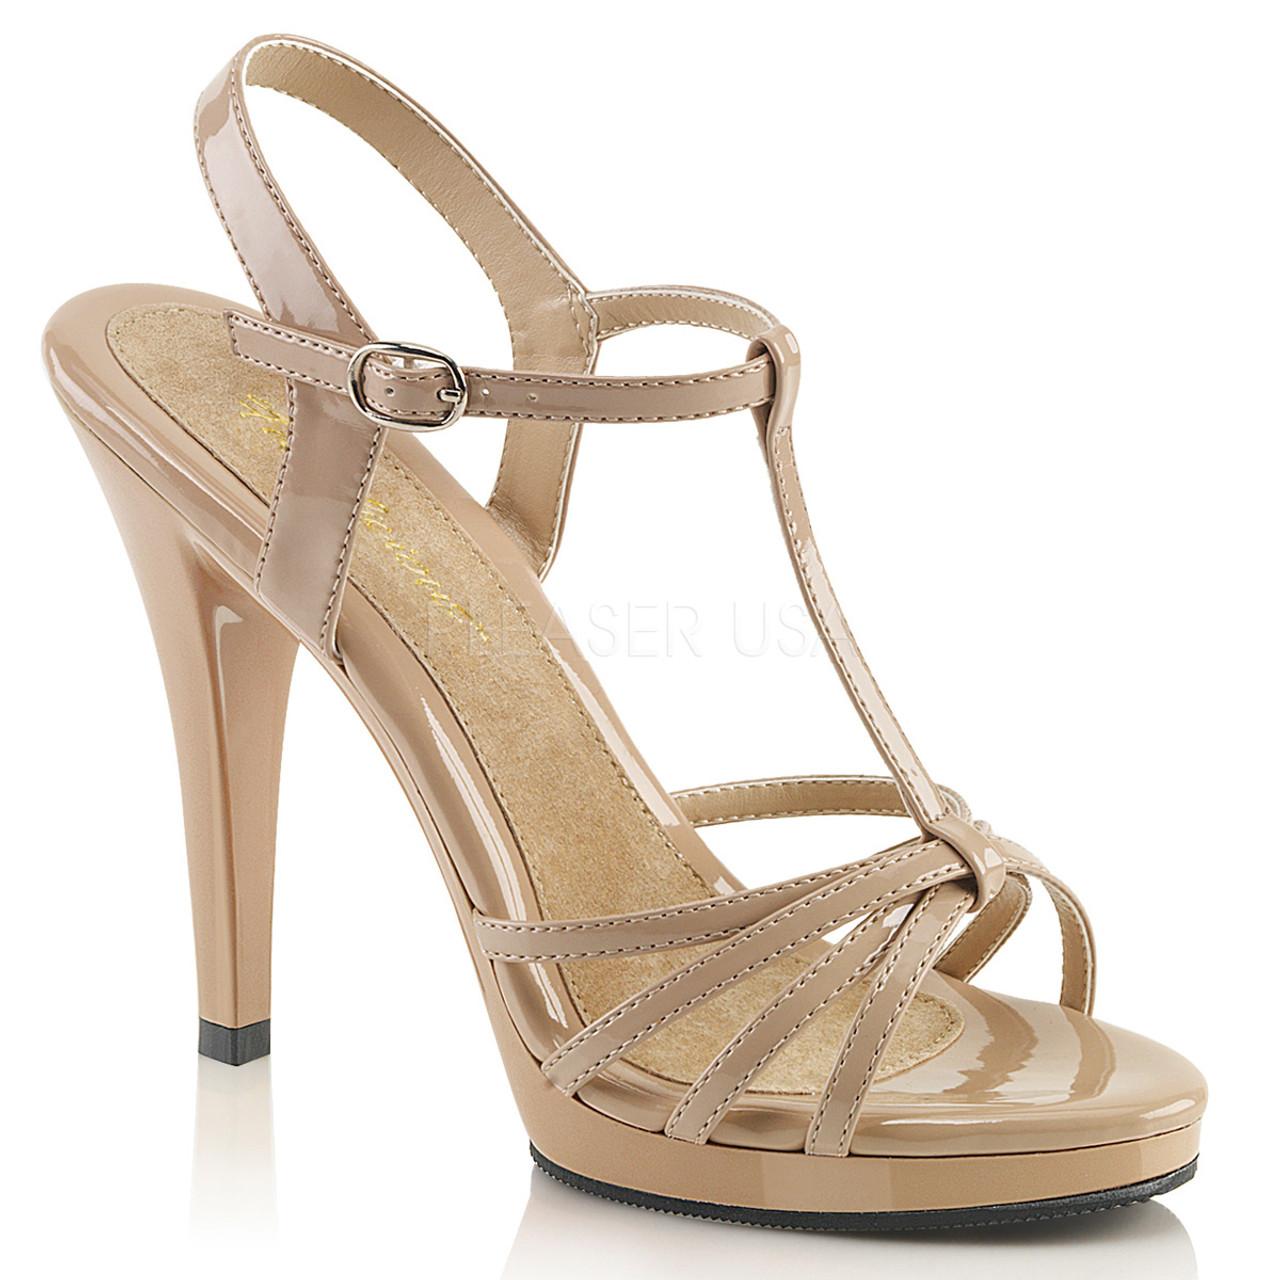 FLAIR-420 Fabulicious Damen High-Heels Sandaletten T-Riemchen schwarz Lederoptik